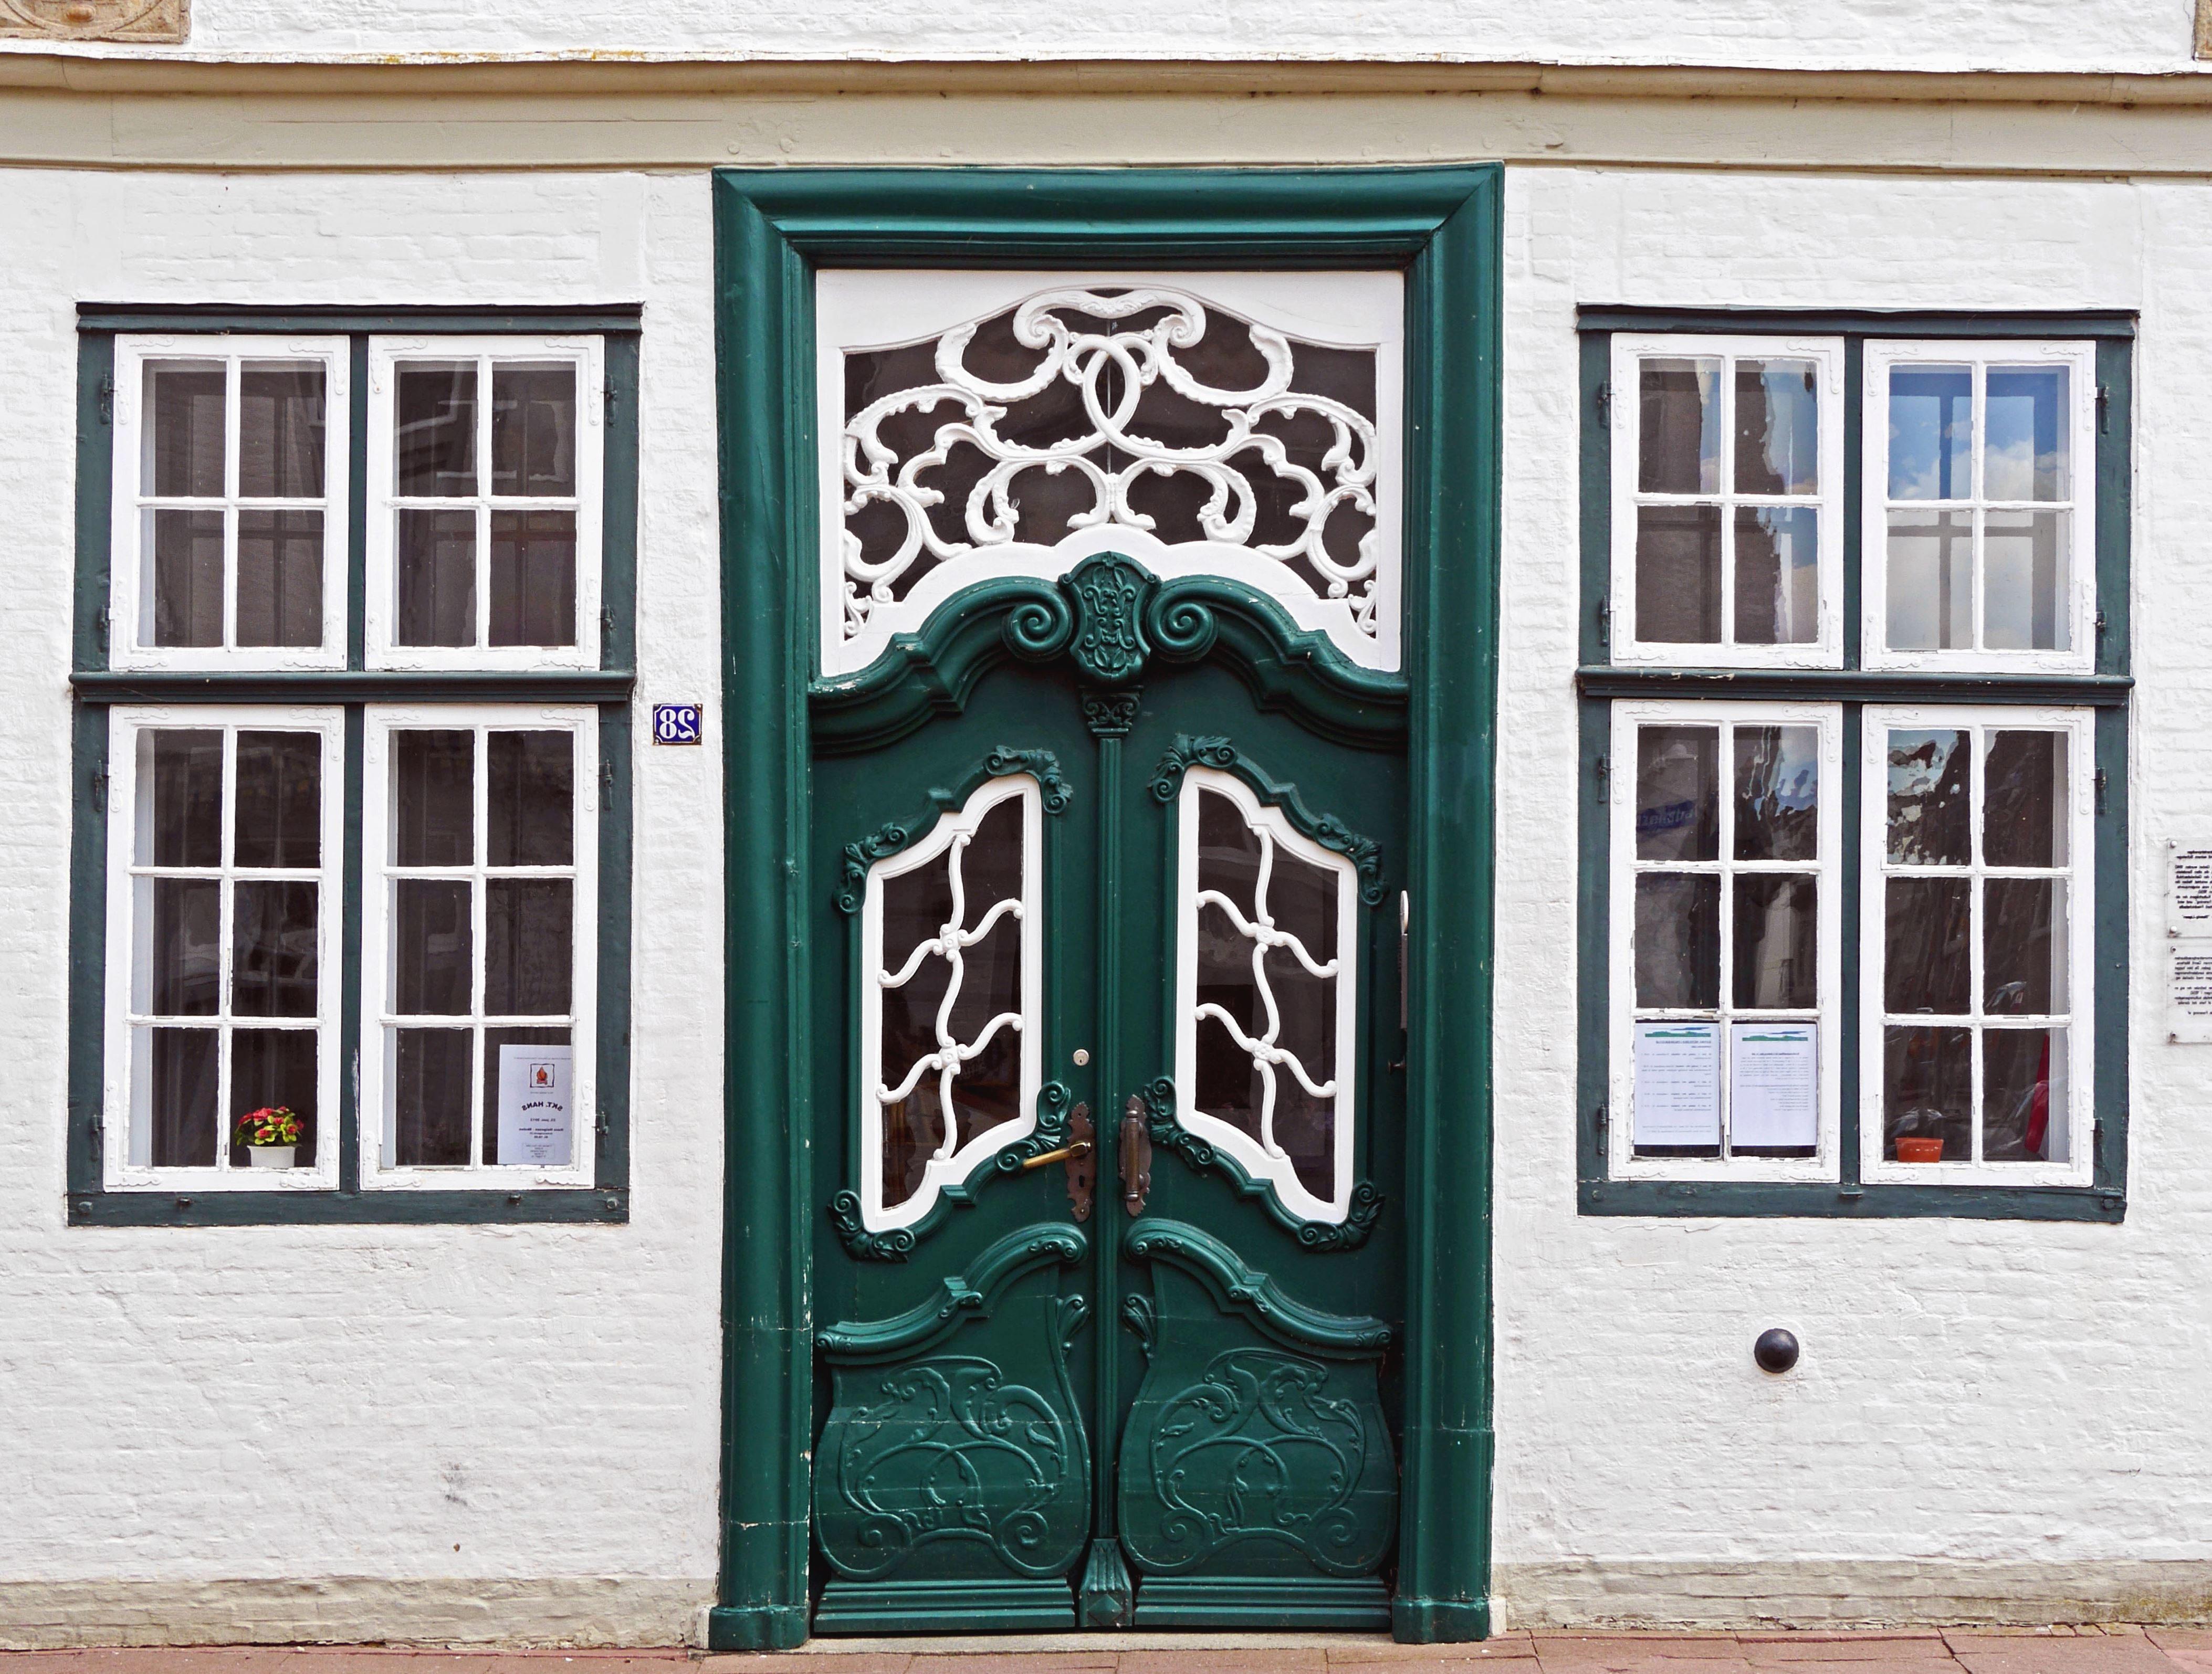 Fassade glas haus  Kostenlose Bild: Tür, Fenster, Haus, Architektur, Fassade, Glas ...